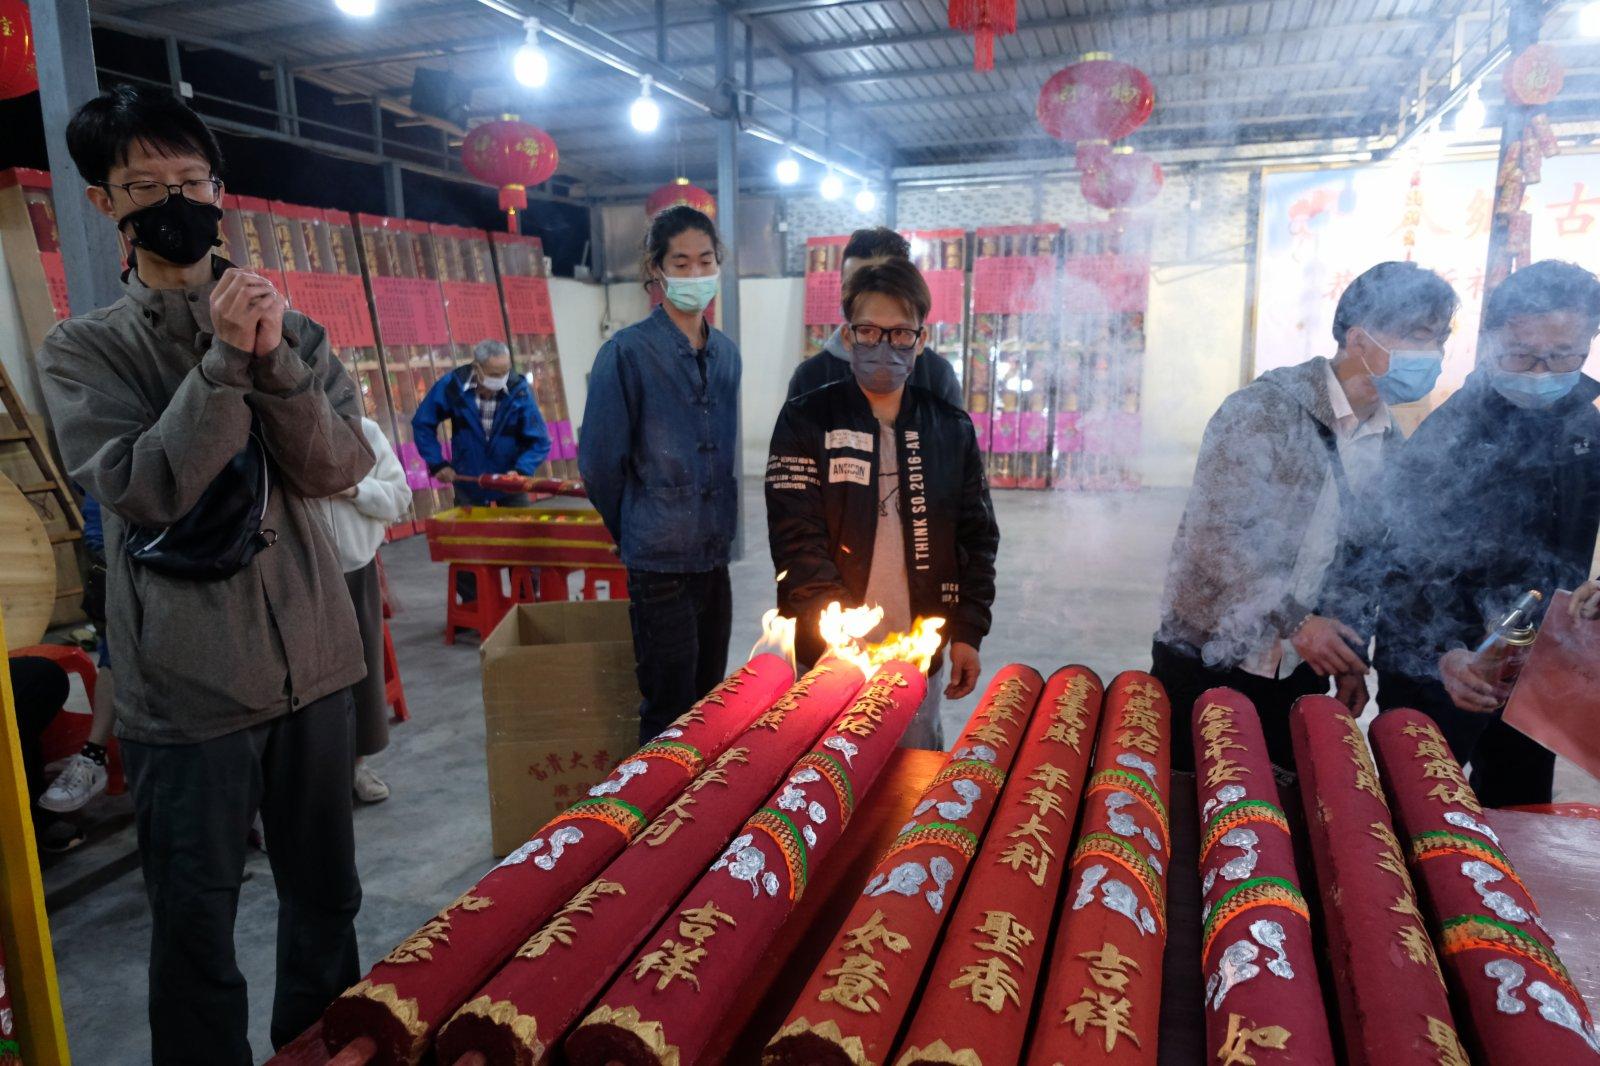 每逢春節,位於香港元朗錦田的八鄉古廟都會有很多善信前來上頭炷香,寓意新一年有一個好的開頭。其中會放鞭炮,上香拜神等,極富傳統春節氣氛。(大公文匯全媒體記者麥俊傑攝)